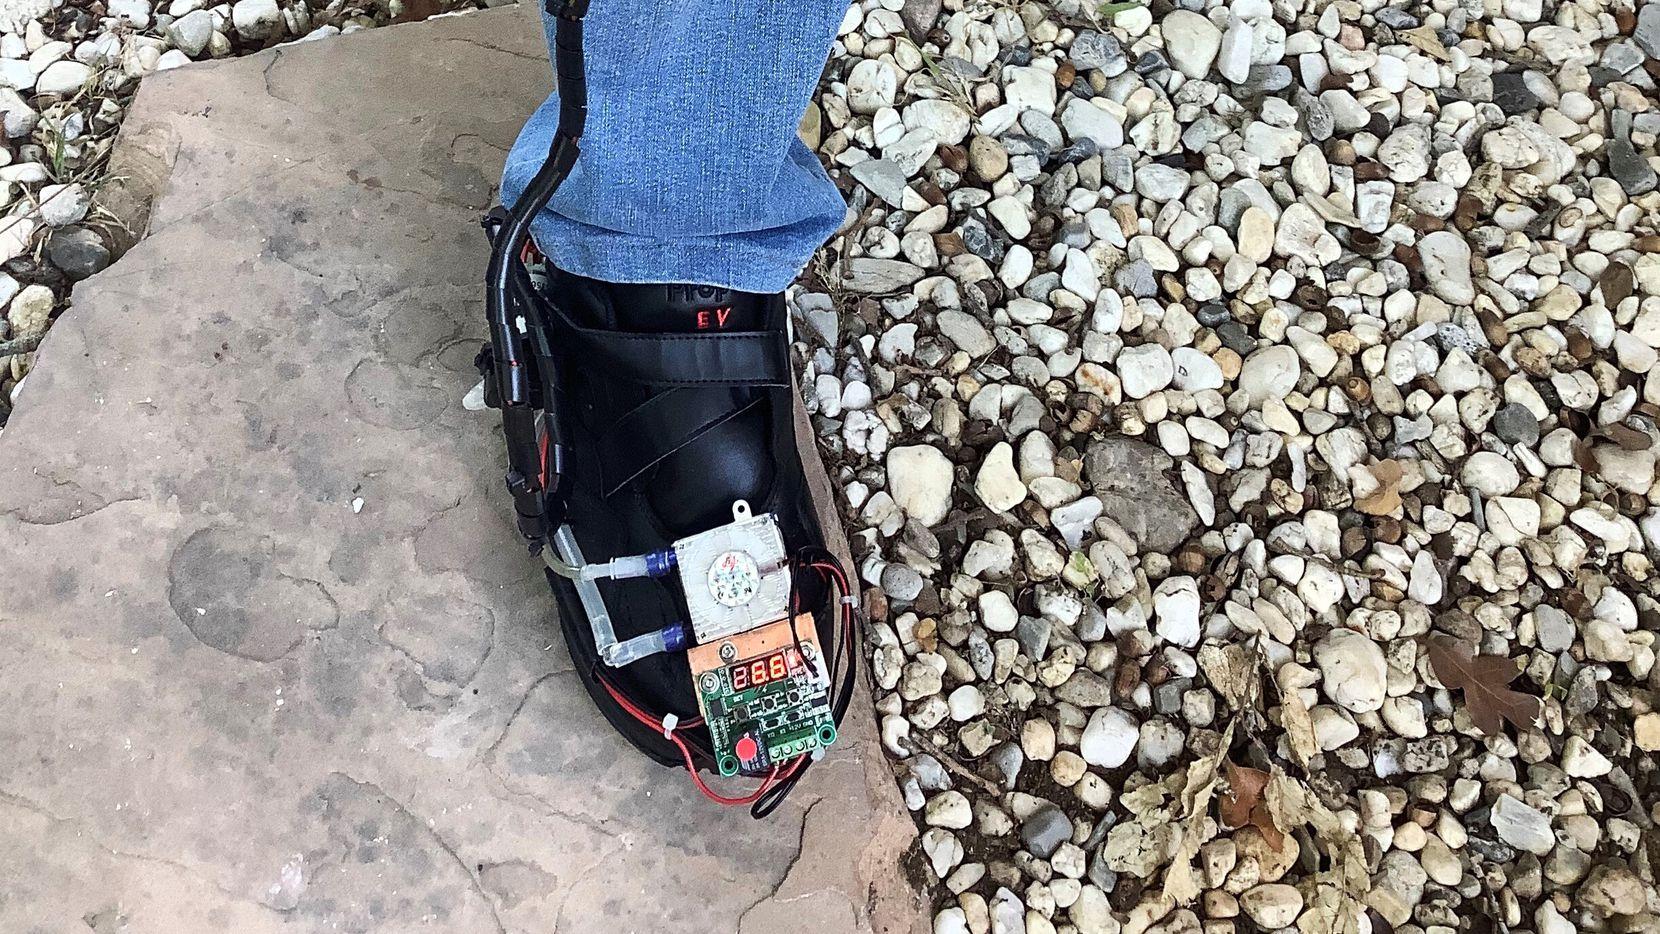 Los zapatos ayudarían a bajar la temperatura de los pies y así evitar que se formen úlceras que pueden terminar en amputaciones. En la imagen, el Dr. Yavuz se prueba su zapato experimental.